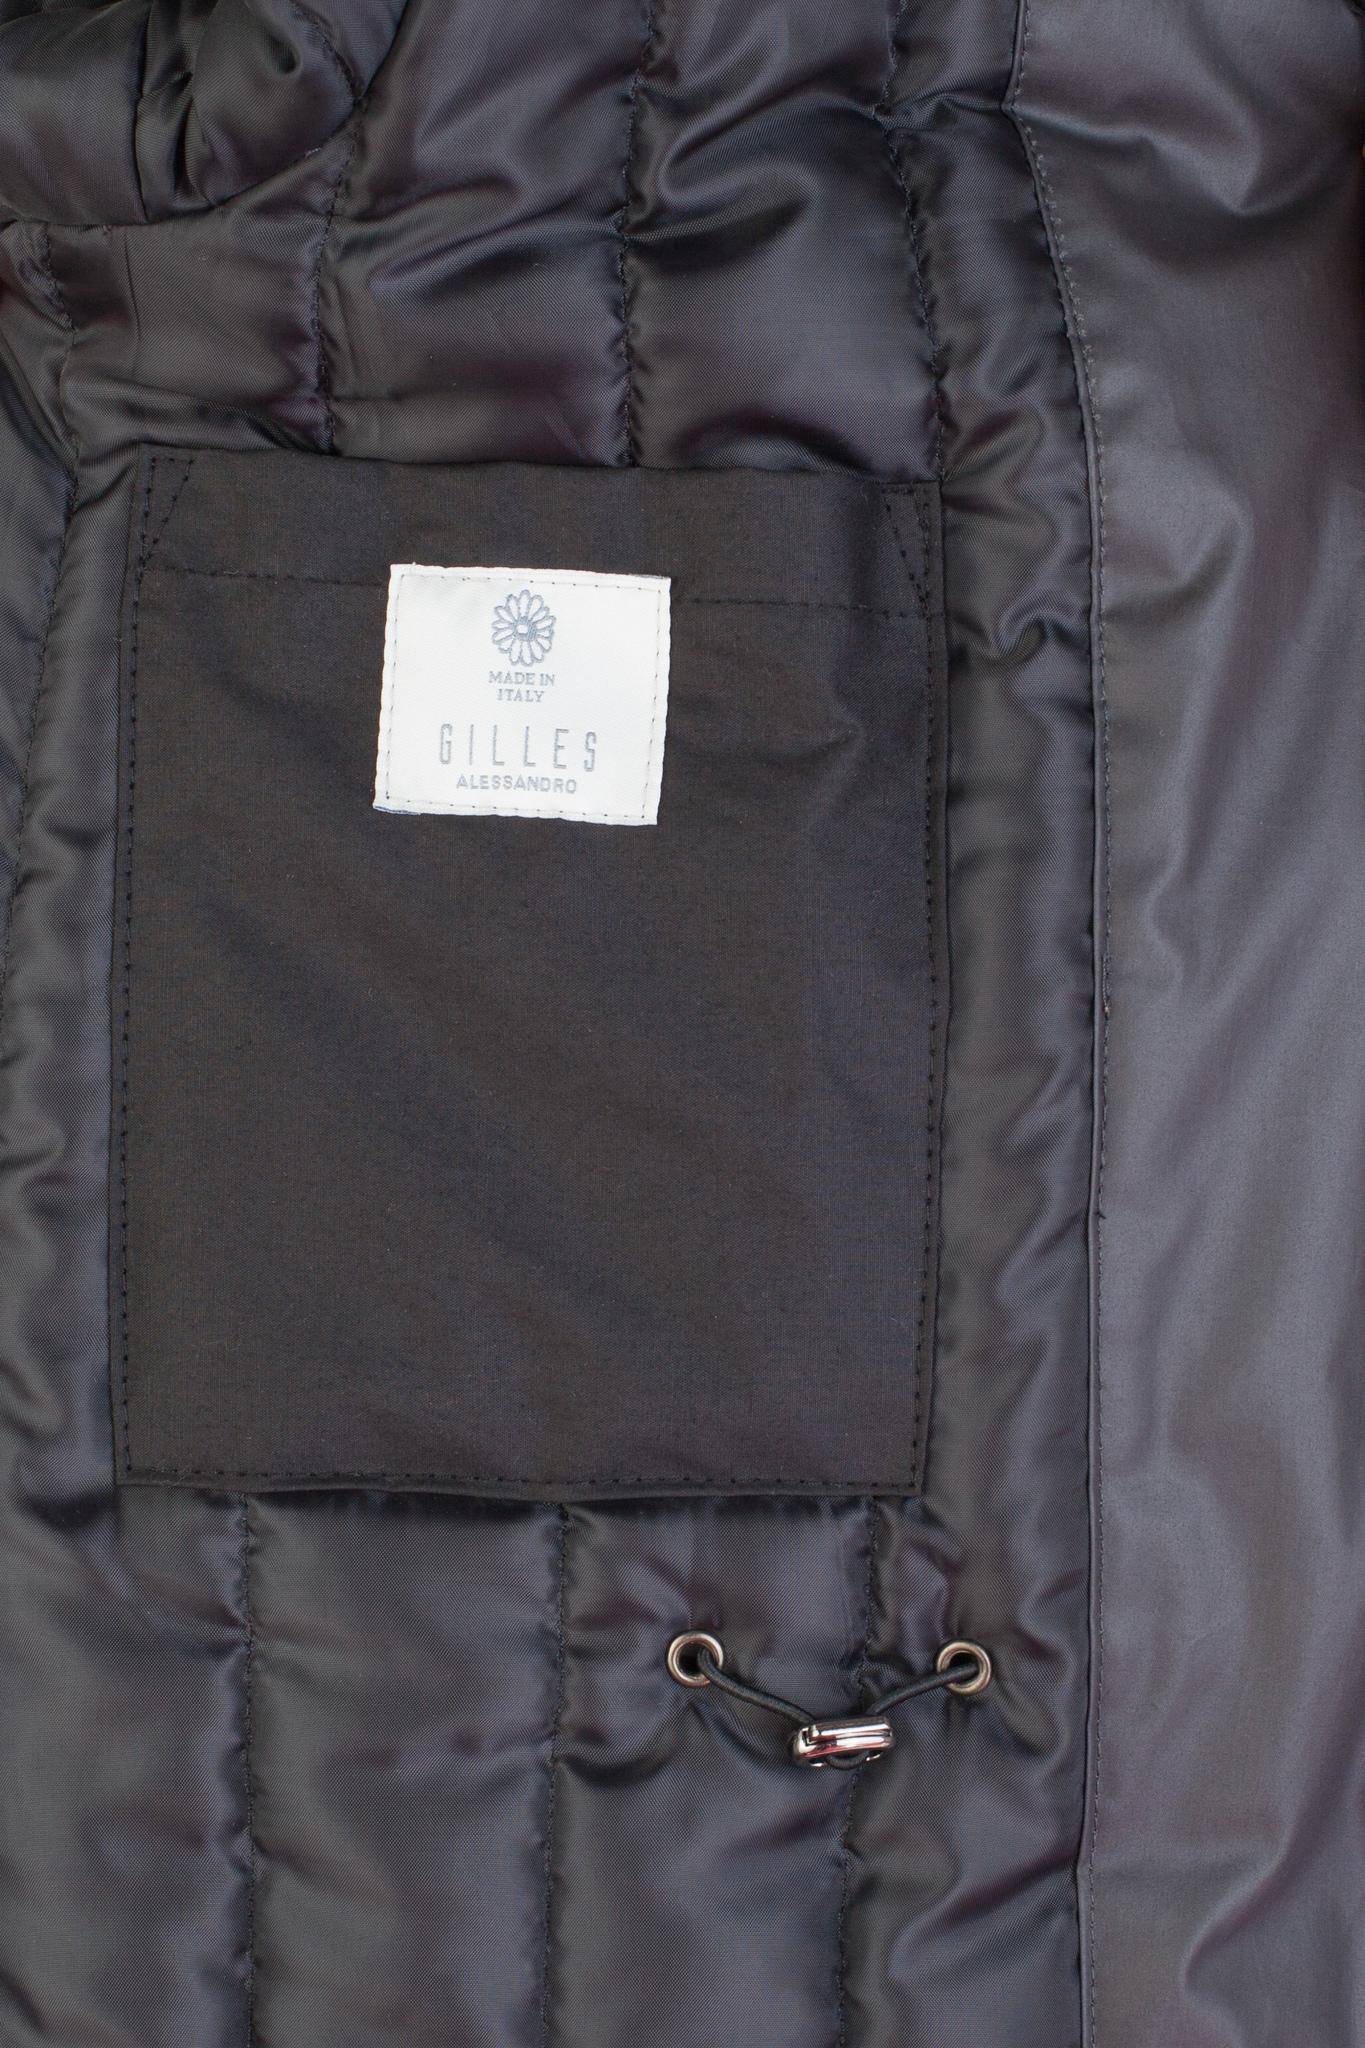 Серо-коричневая хлопковая куртка с капюшоном, внутренний карман